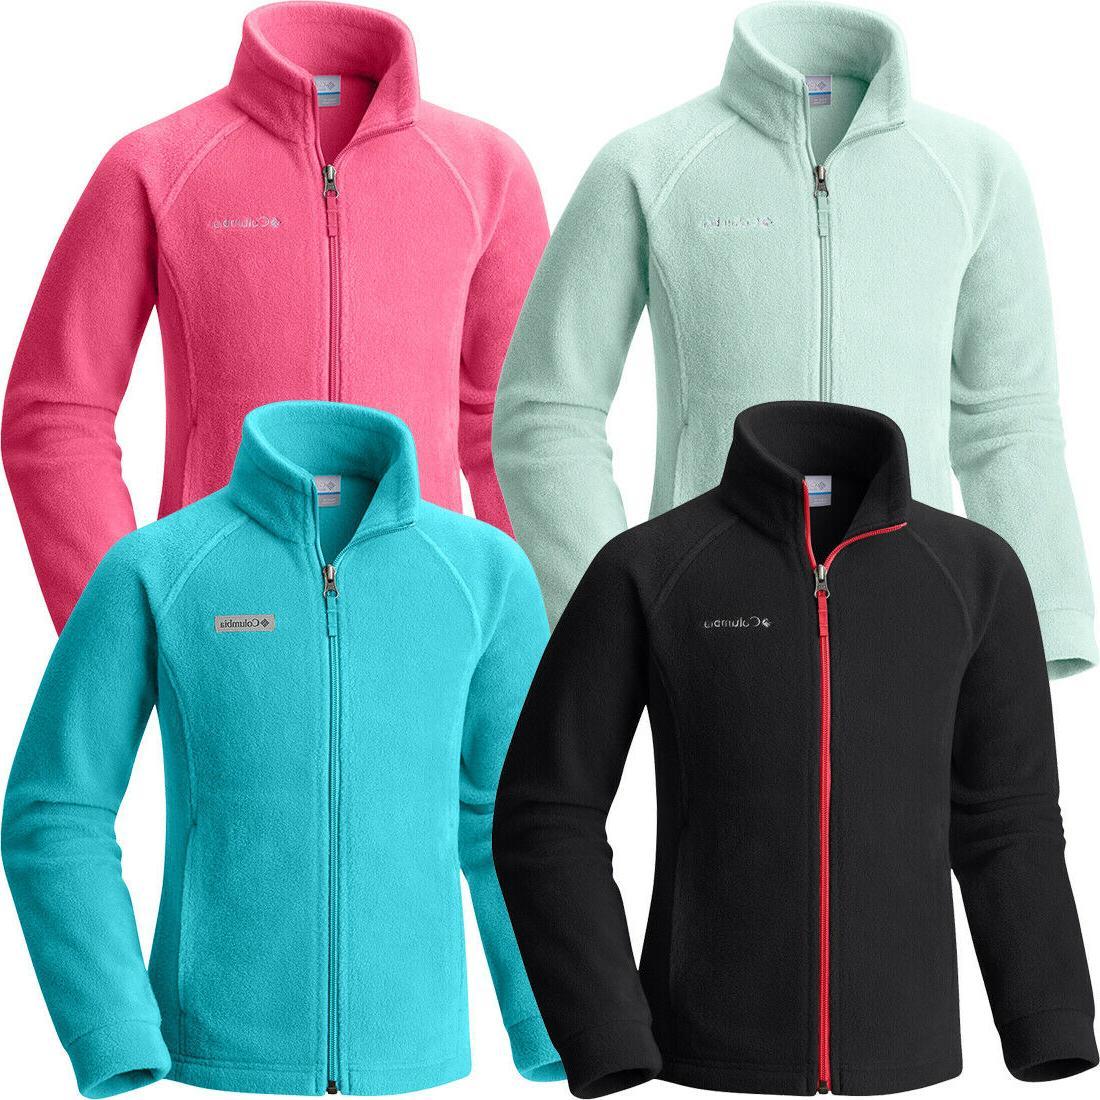 New Columbia Sportswear Ladies/' Benton Springs Fleece Vest Women/'s Outdoors Zip